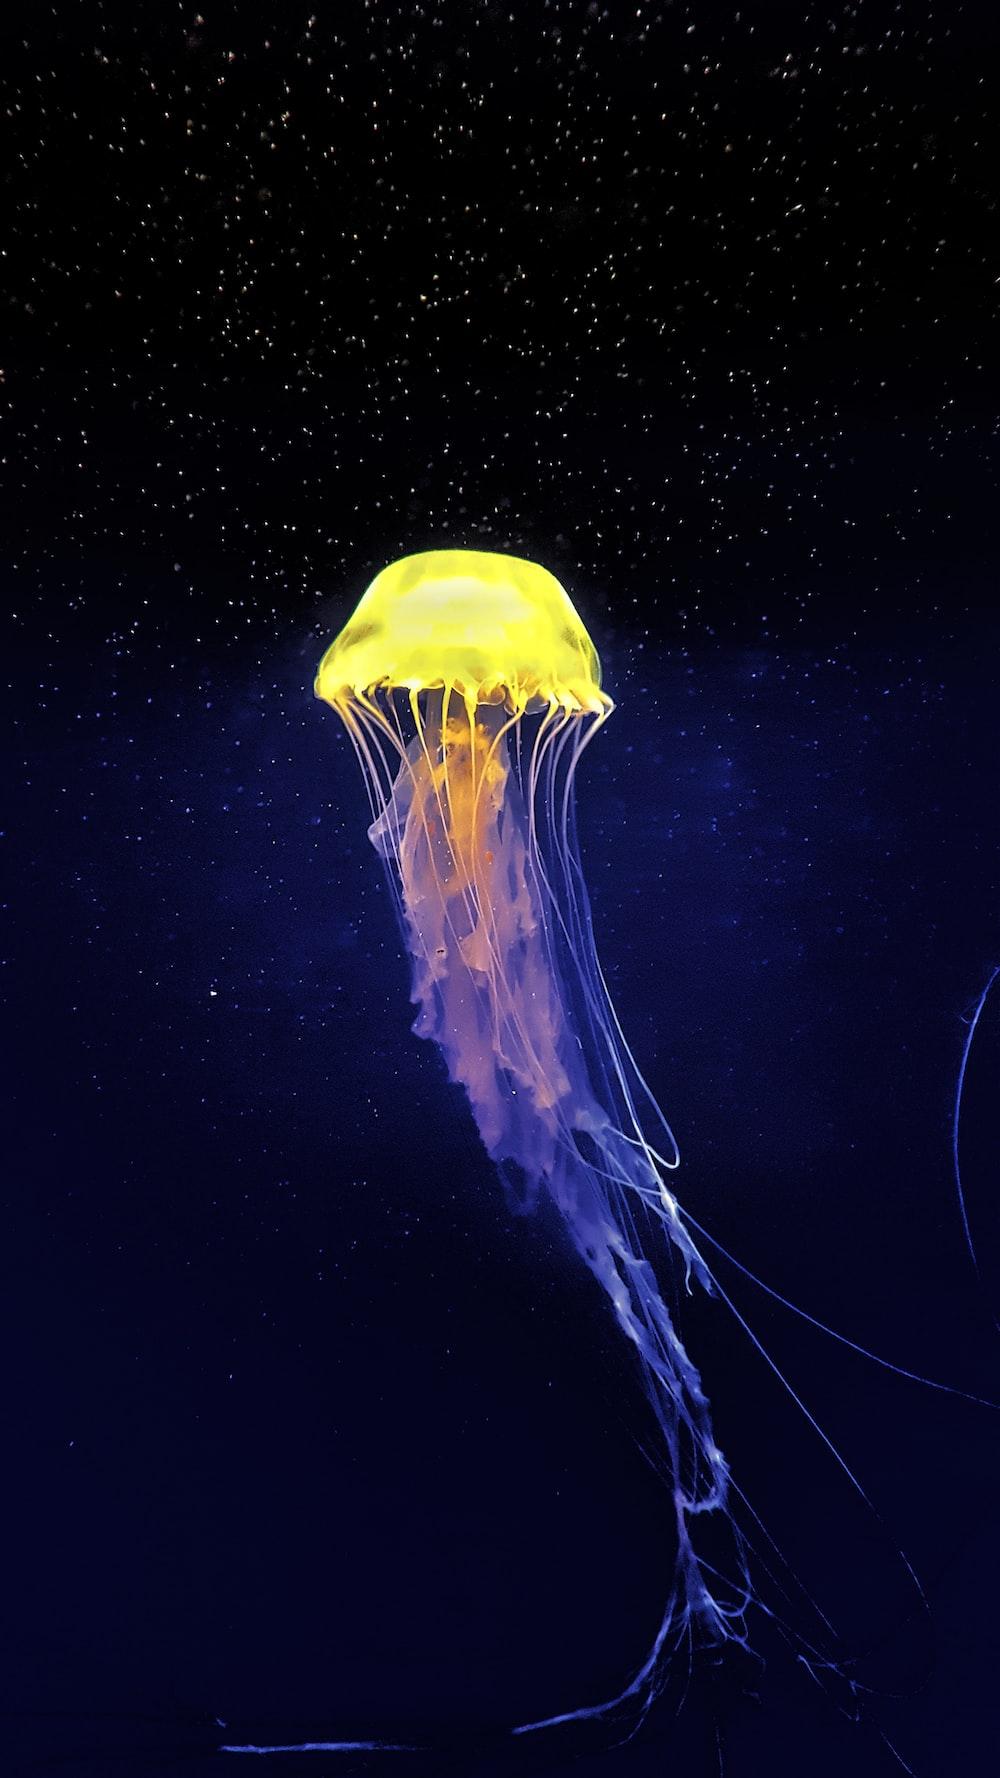 yellow and white jellyfish